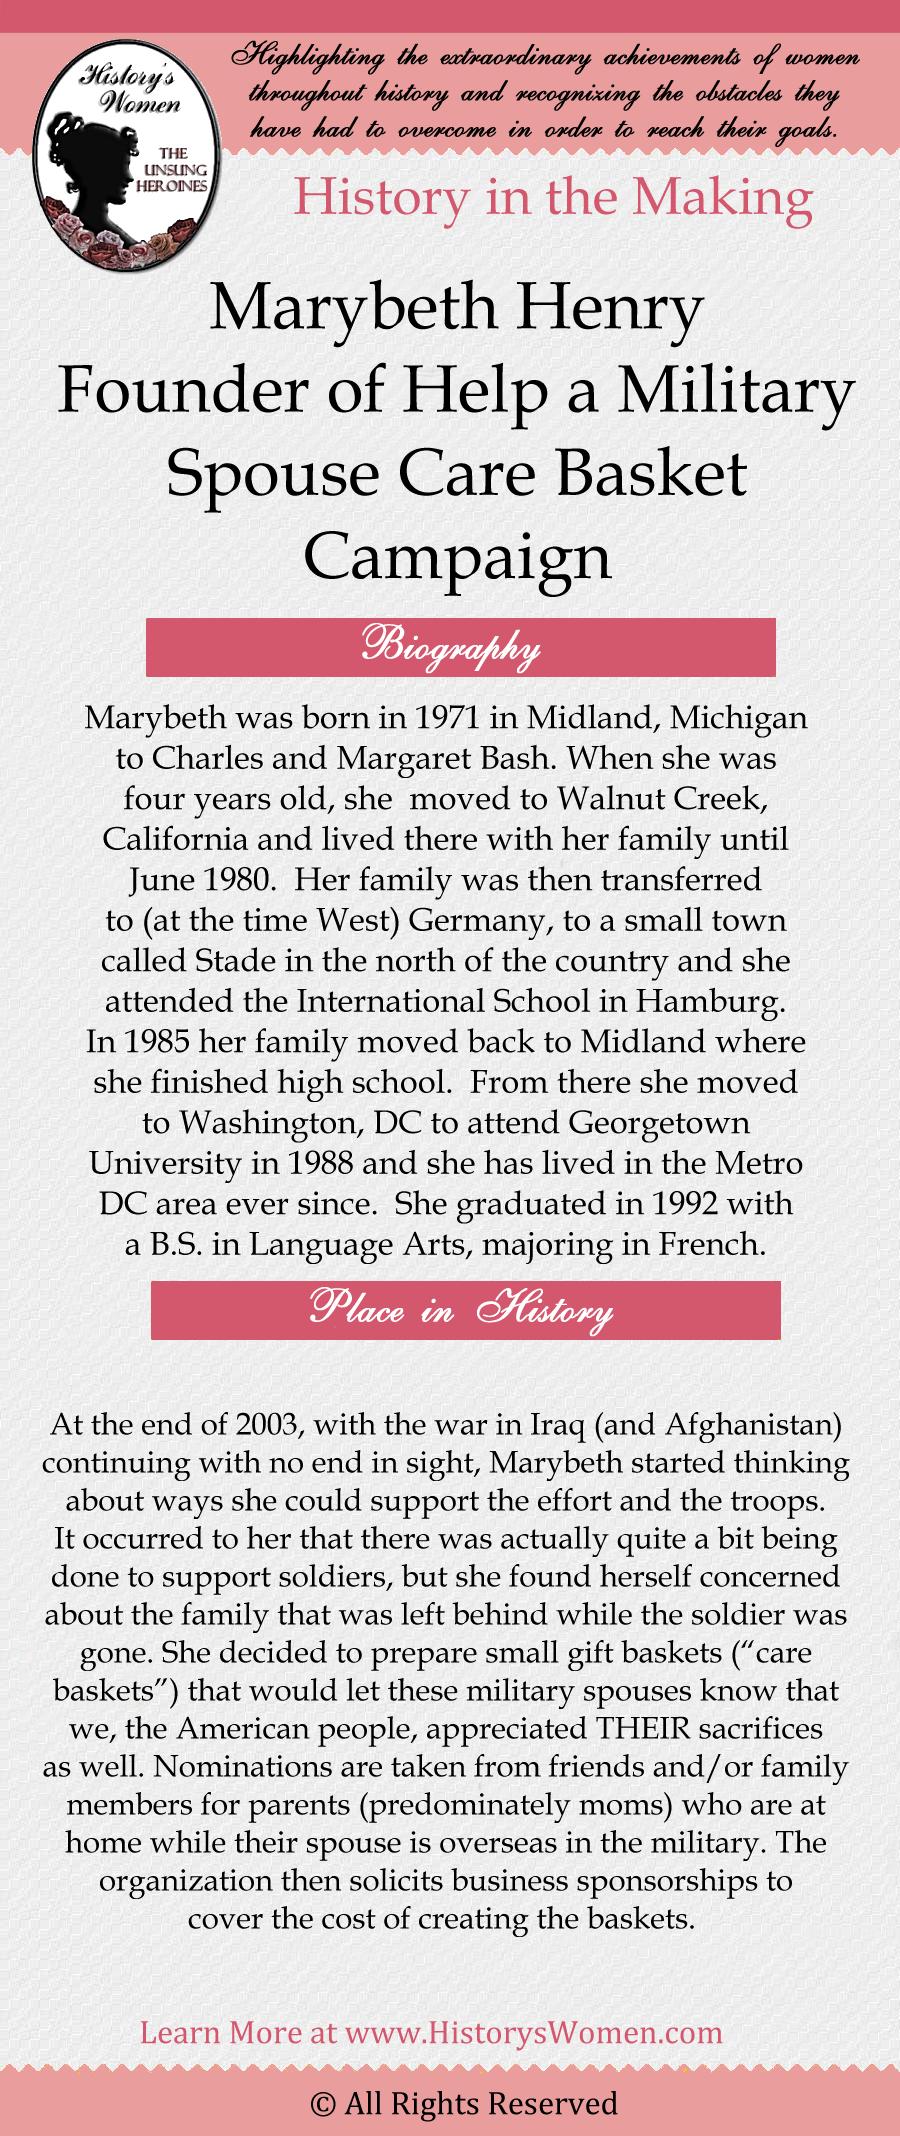 MarybethHenry